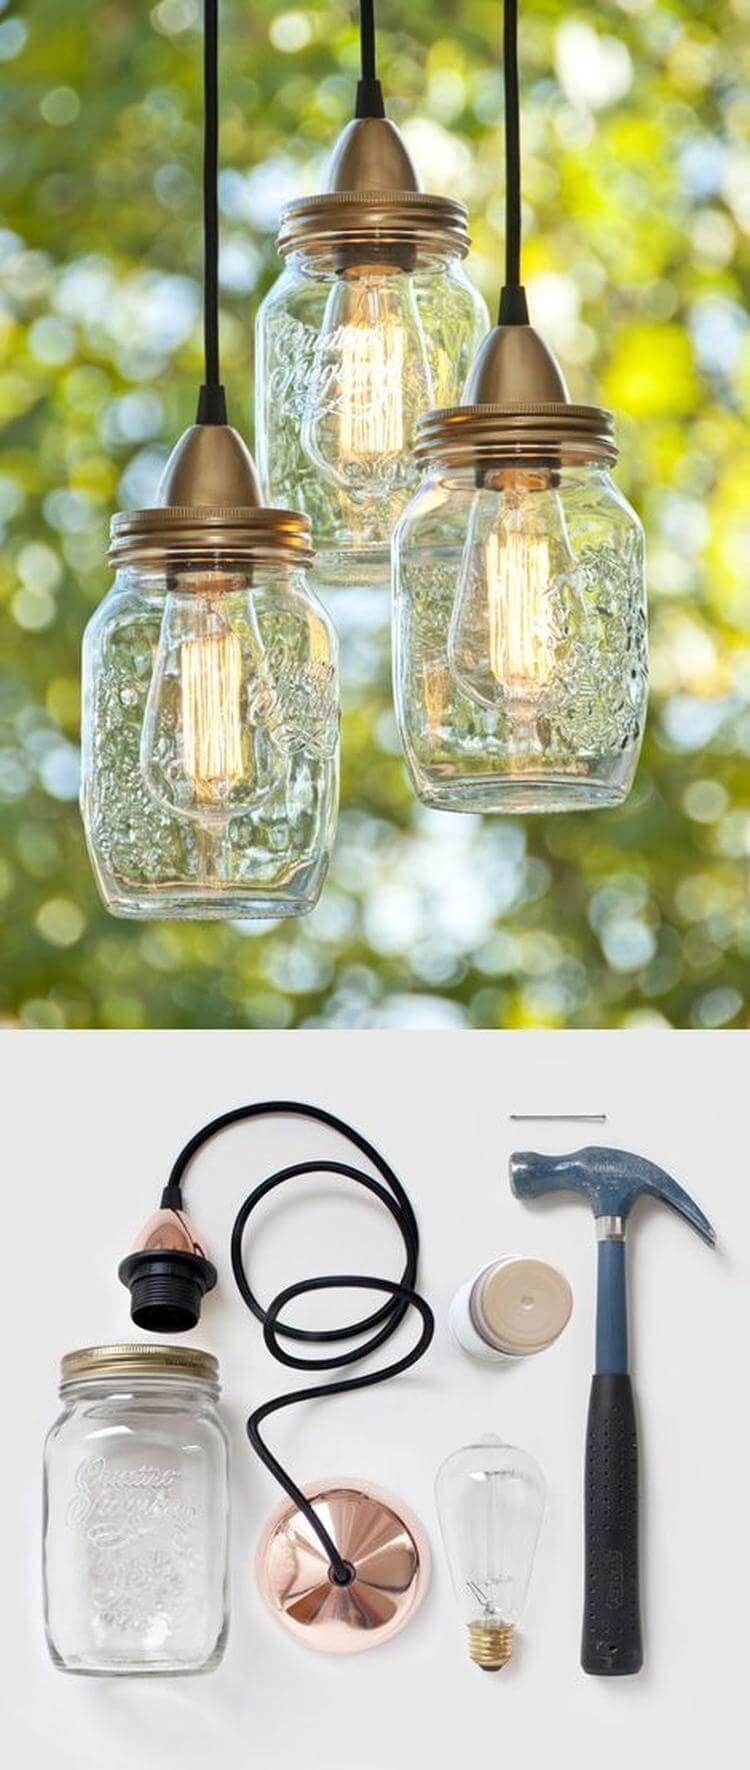 34 Of The Most Creative Diy Lamps And Lamp Shades With Images Mason Jar Diy Mason Jar Lighting Mason Jar Lamp